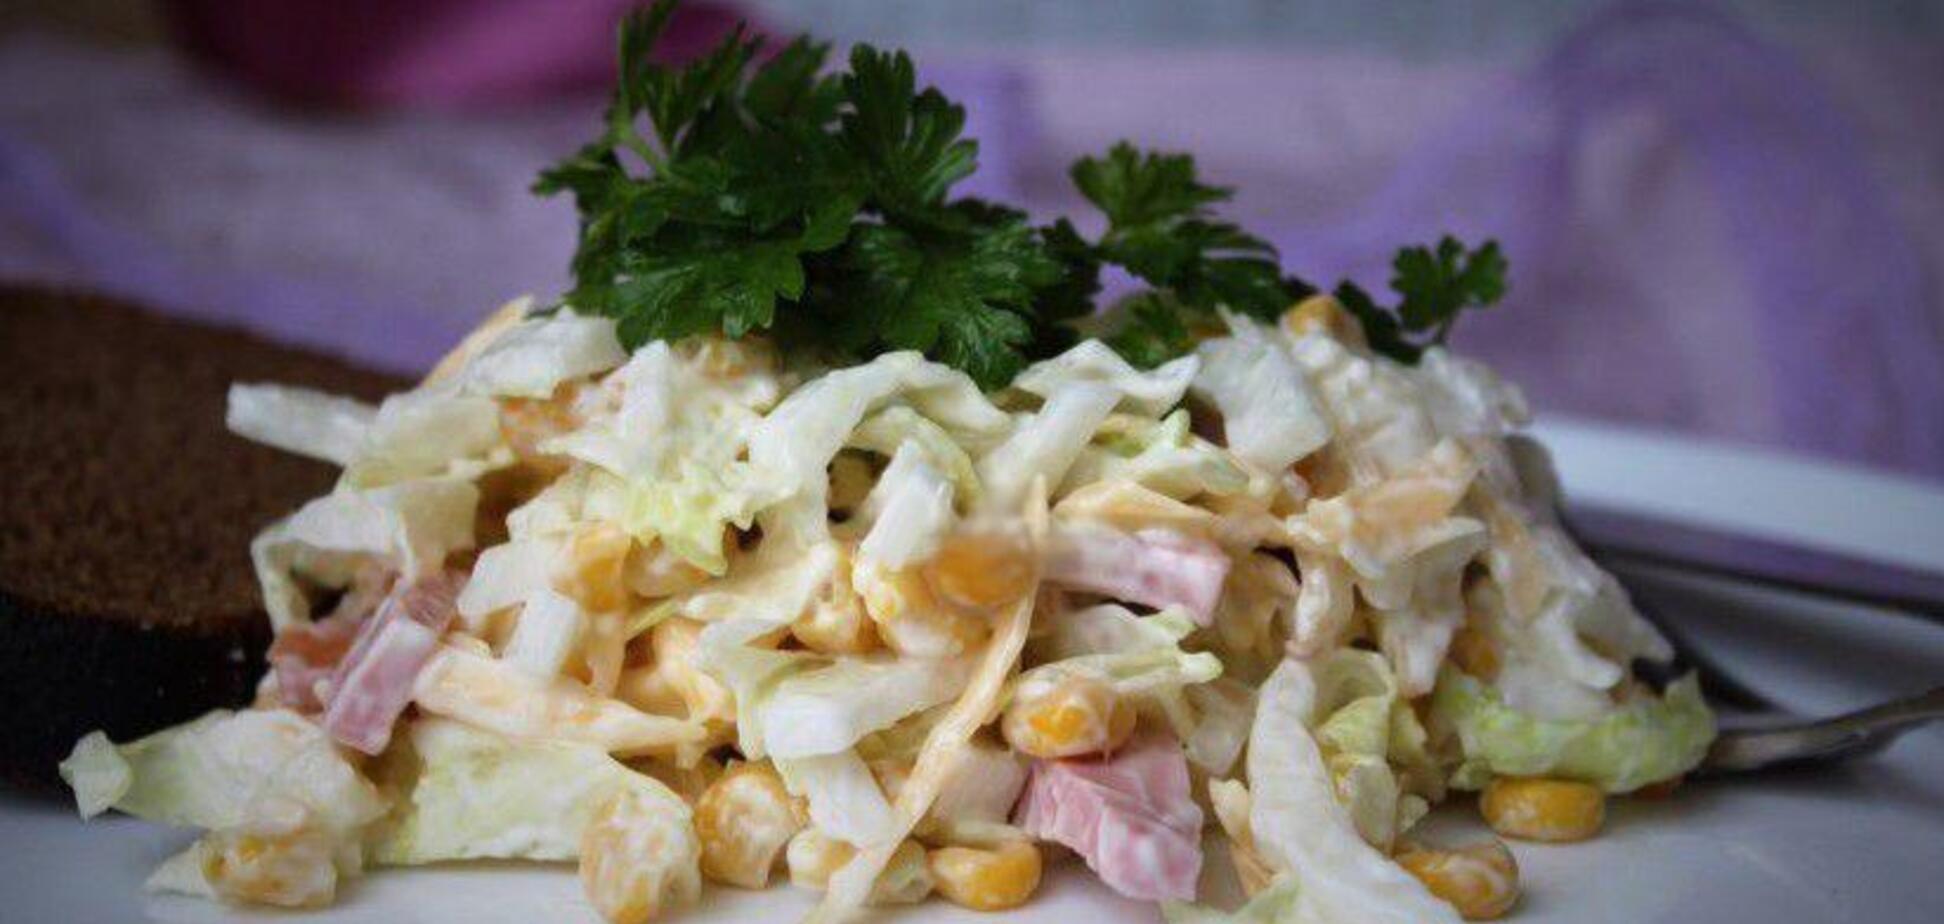 Вкусный салат с капустой и колбасой за 15 минут: рецепт с видео